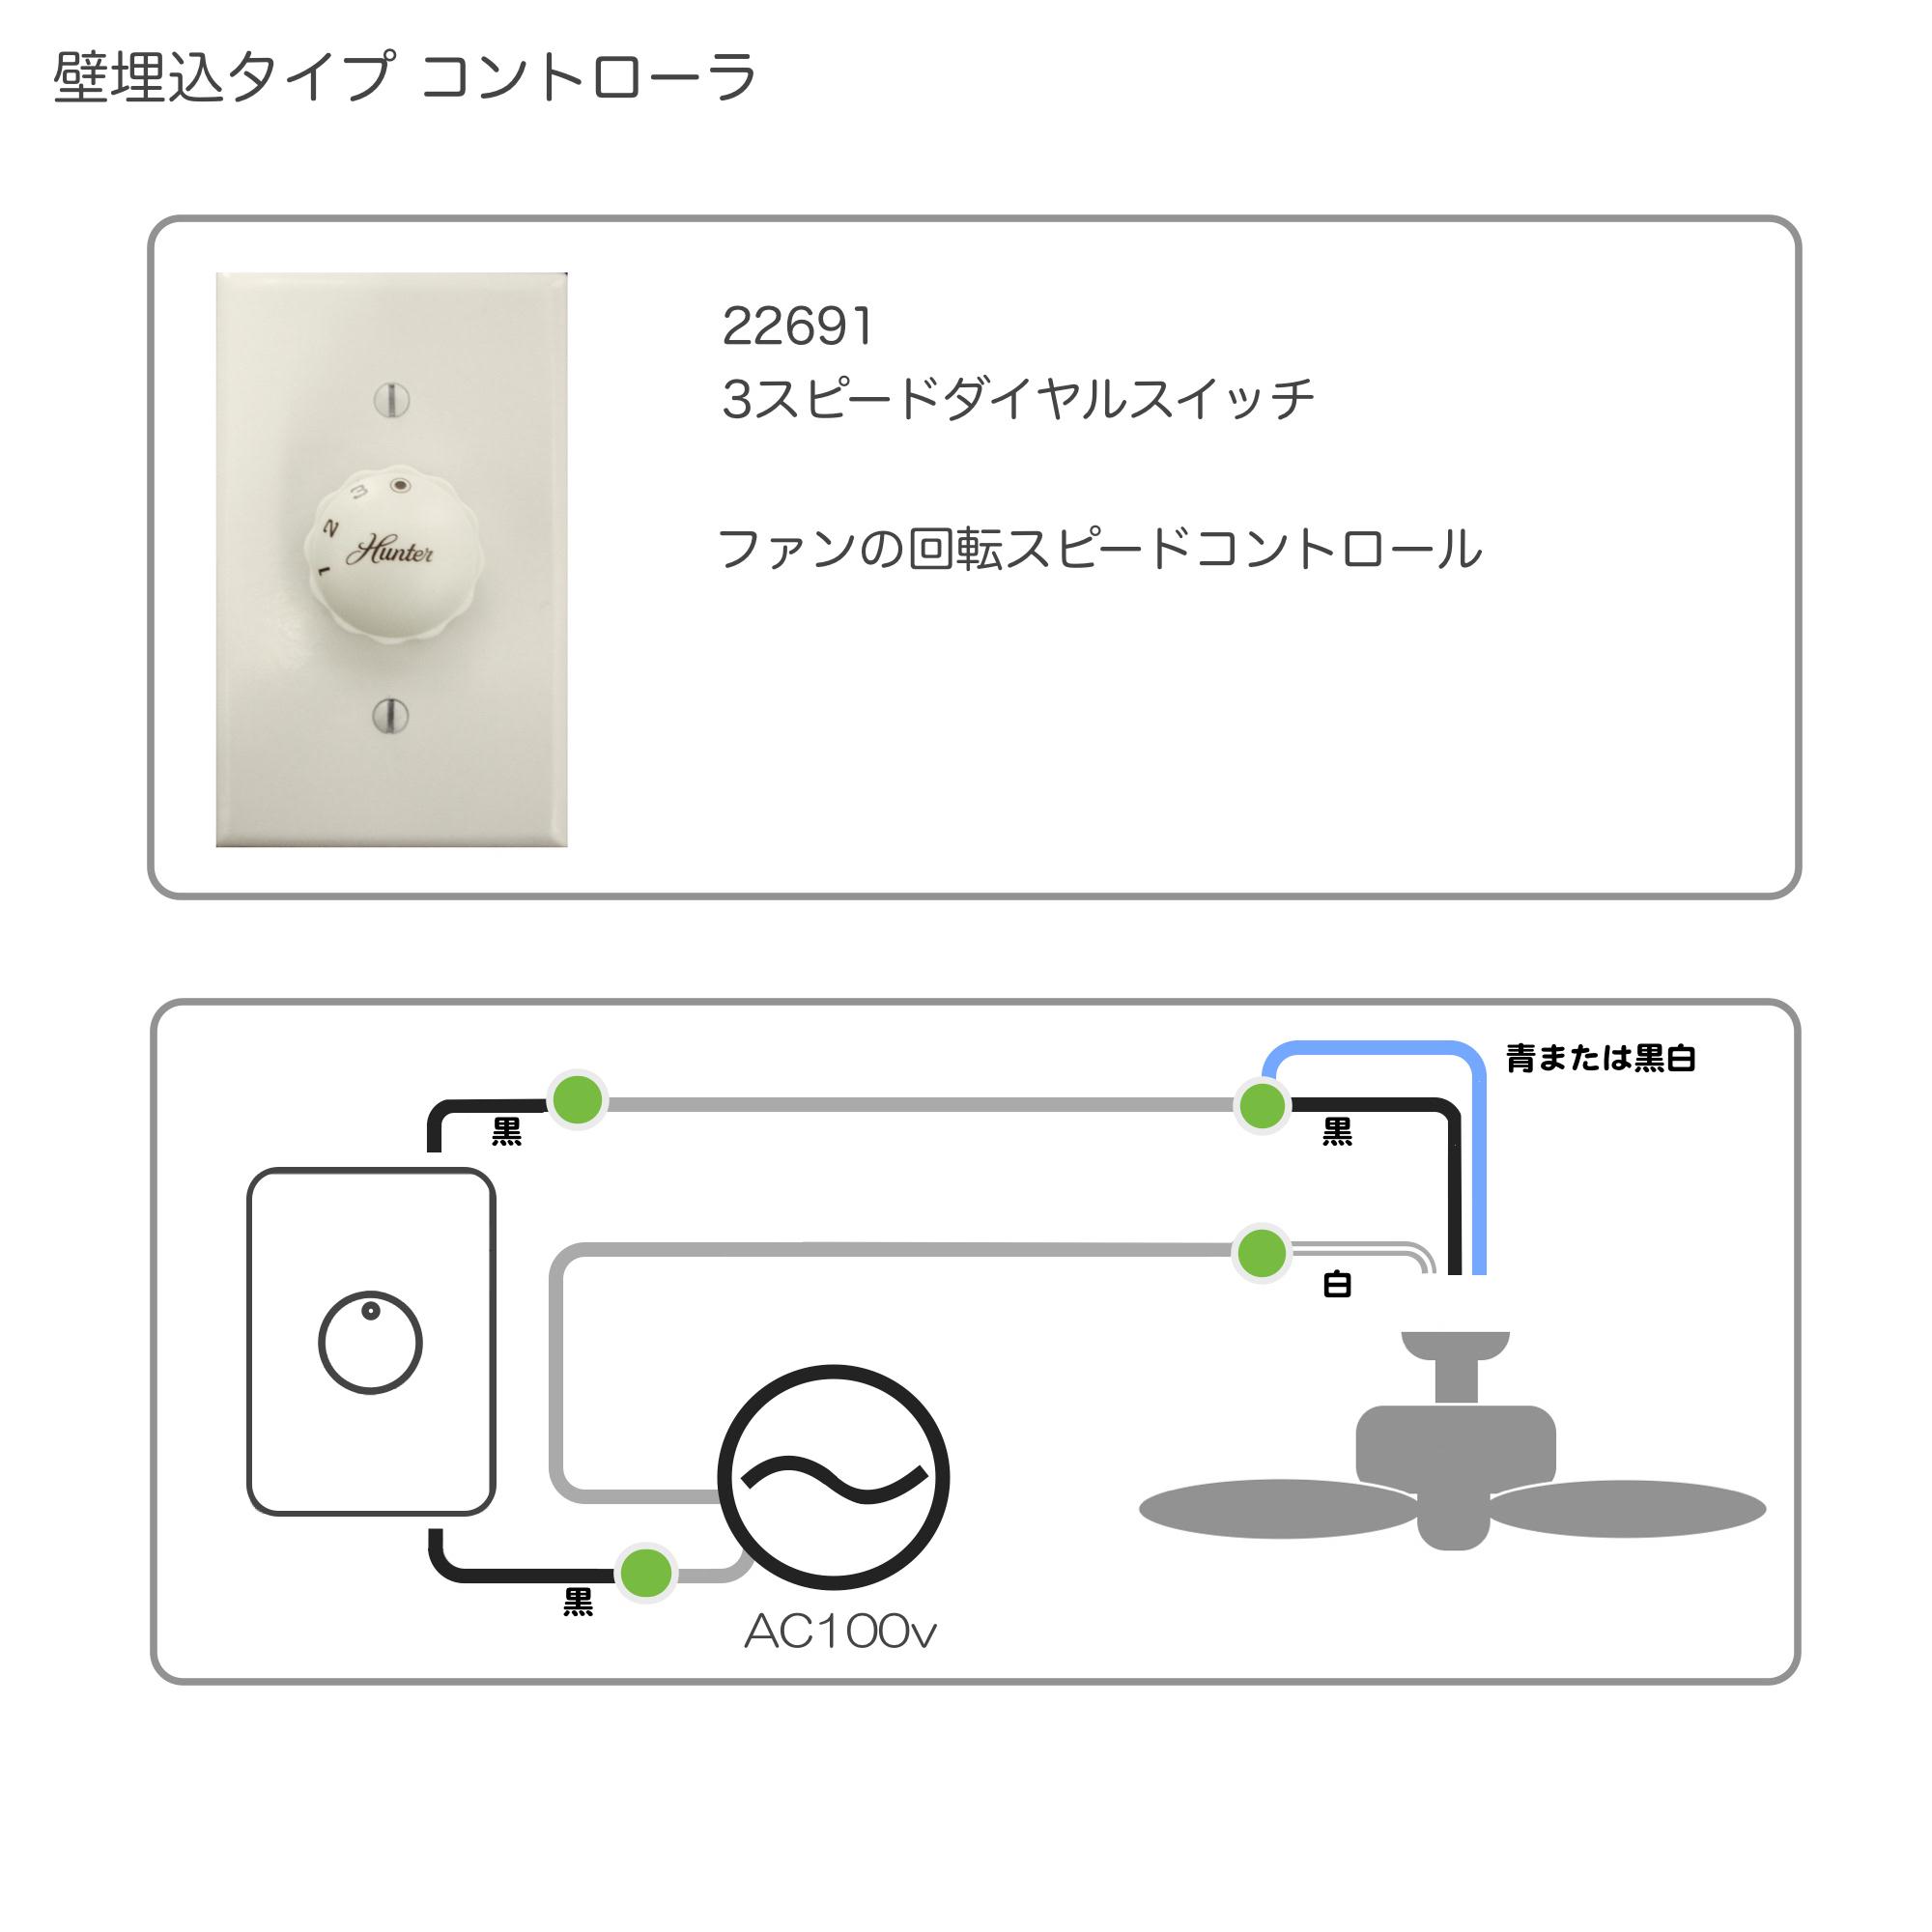 壁コントローラ (ダイヤル)